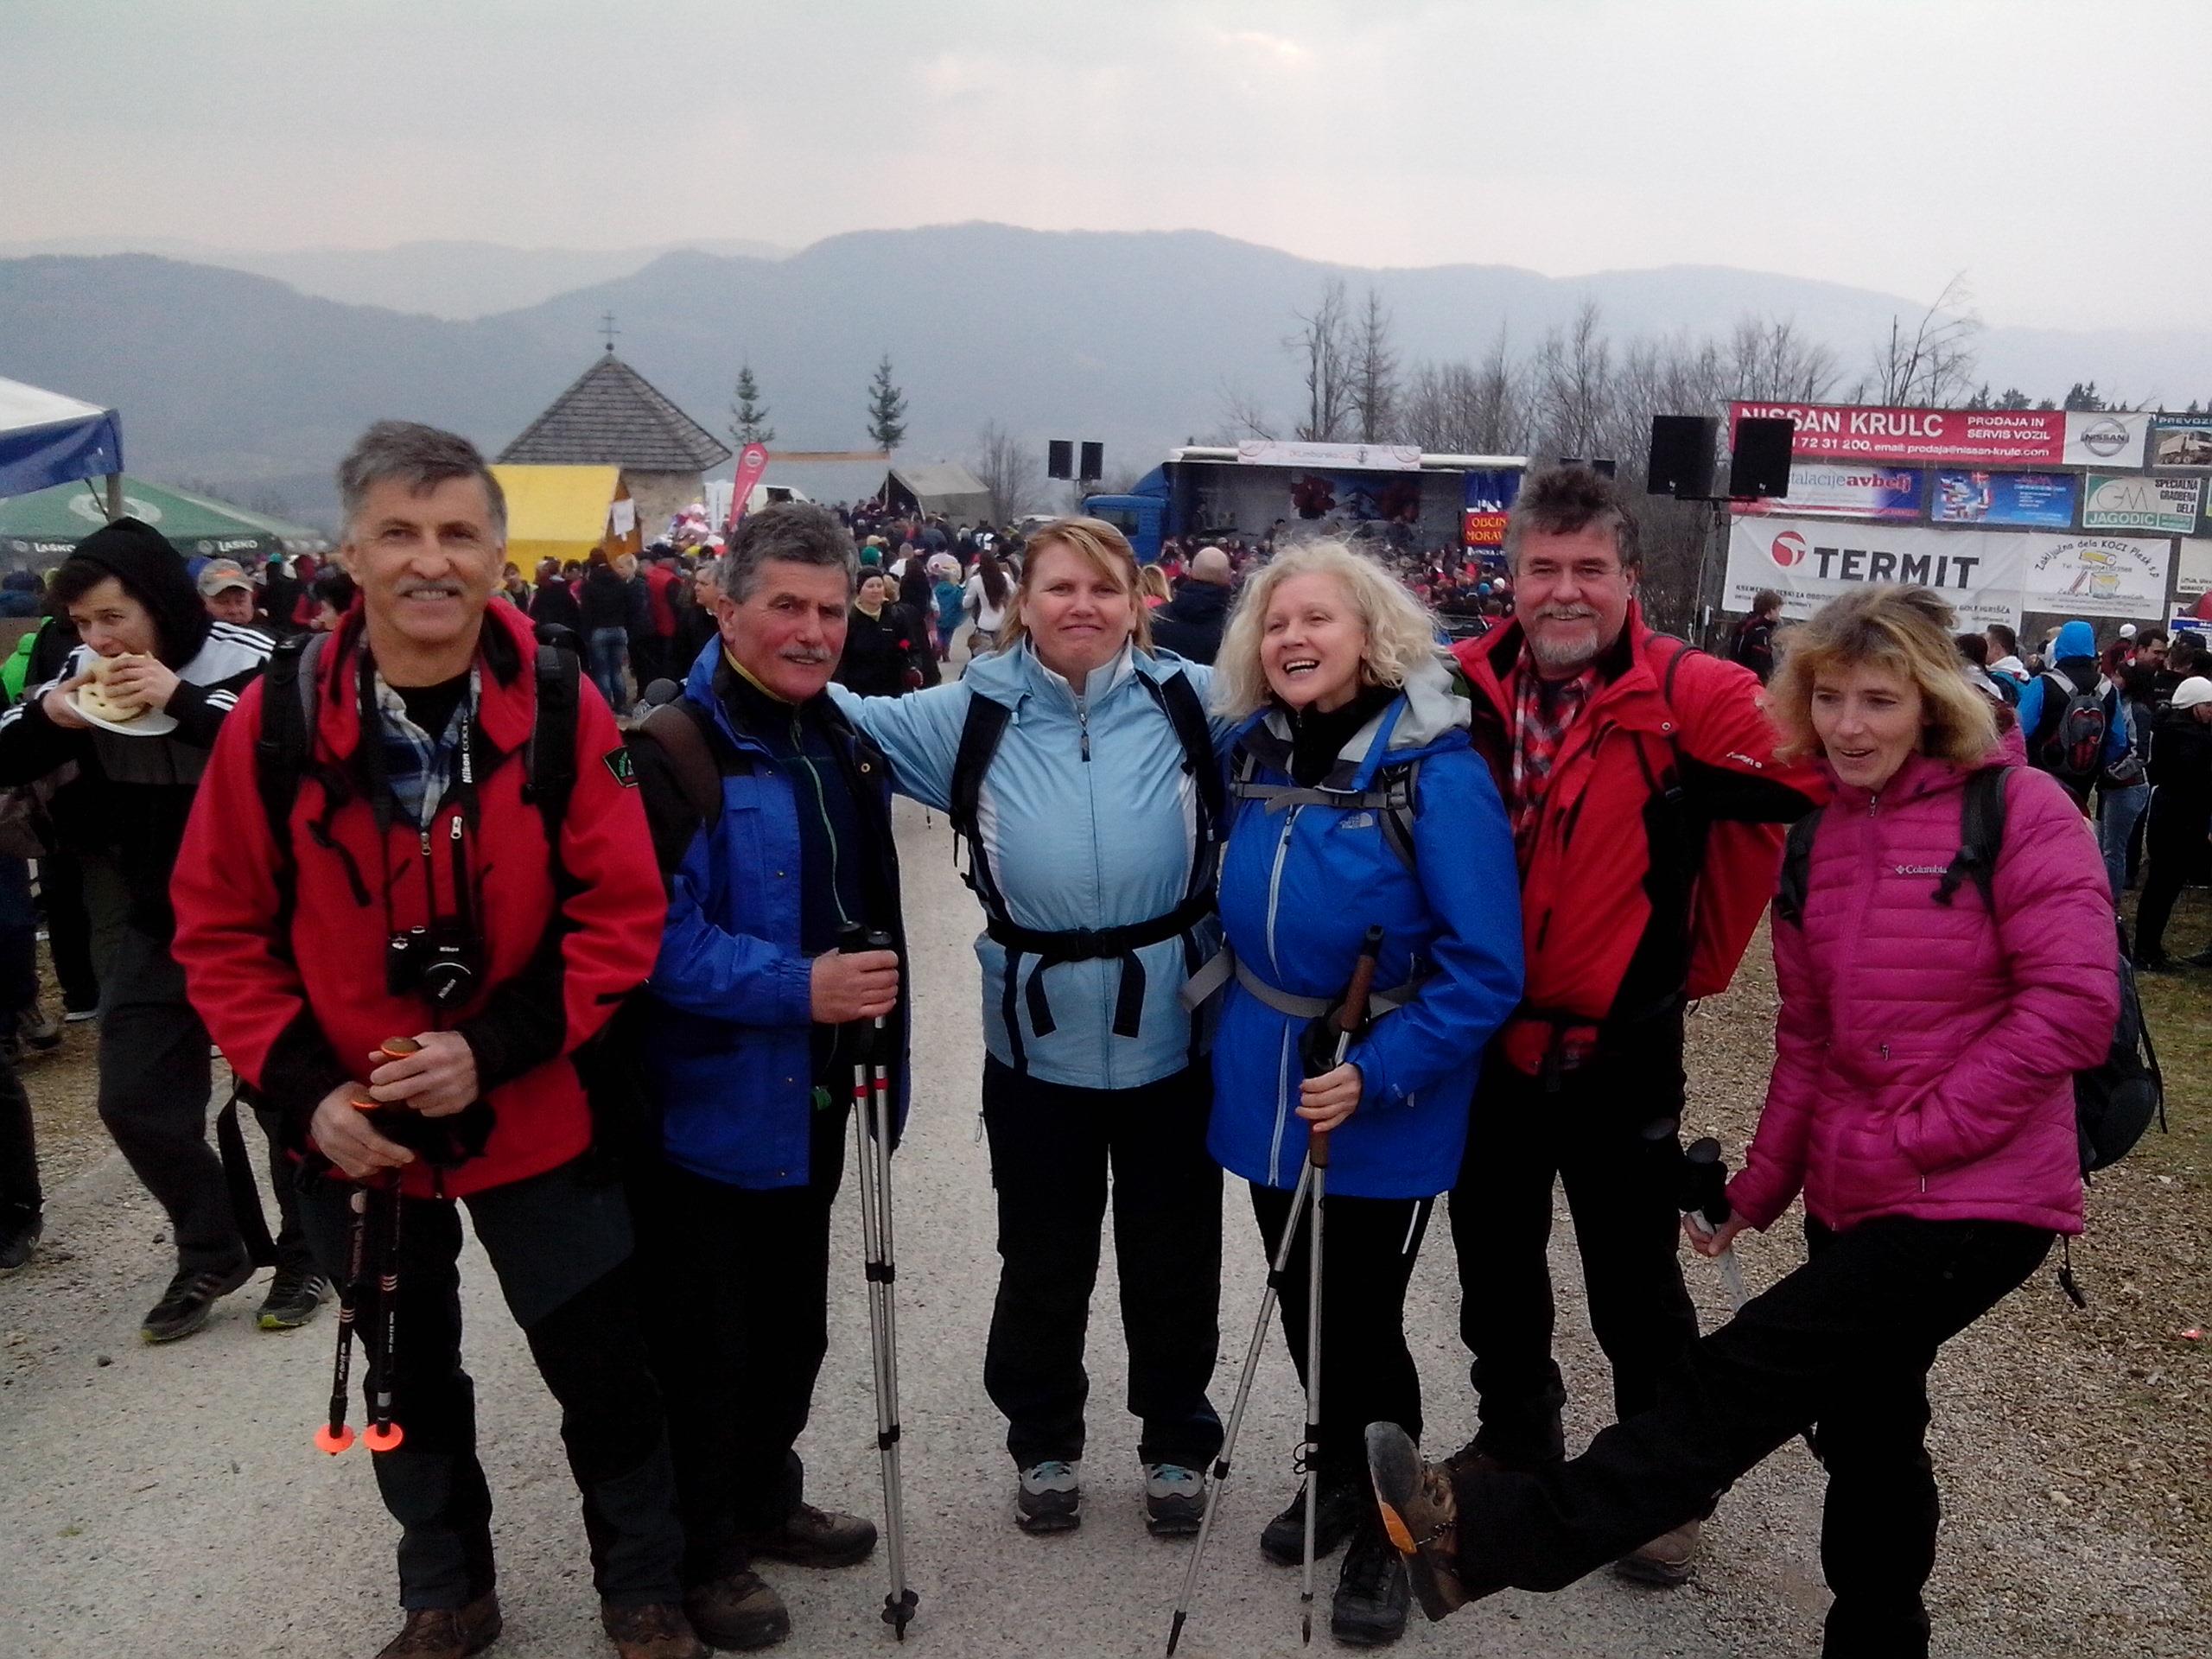 Trojane-Limbarska gora-15.3.2015